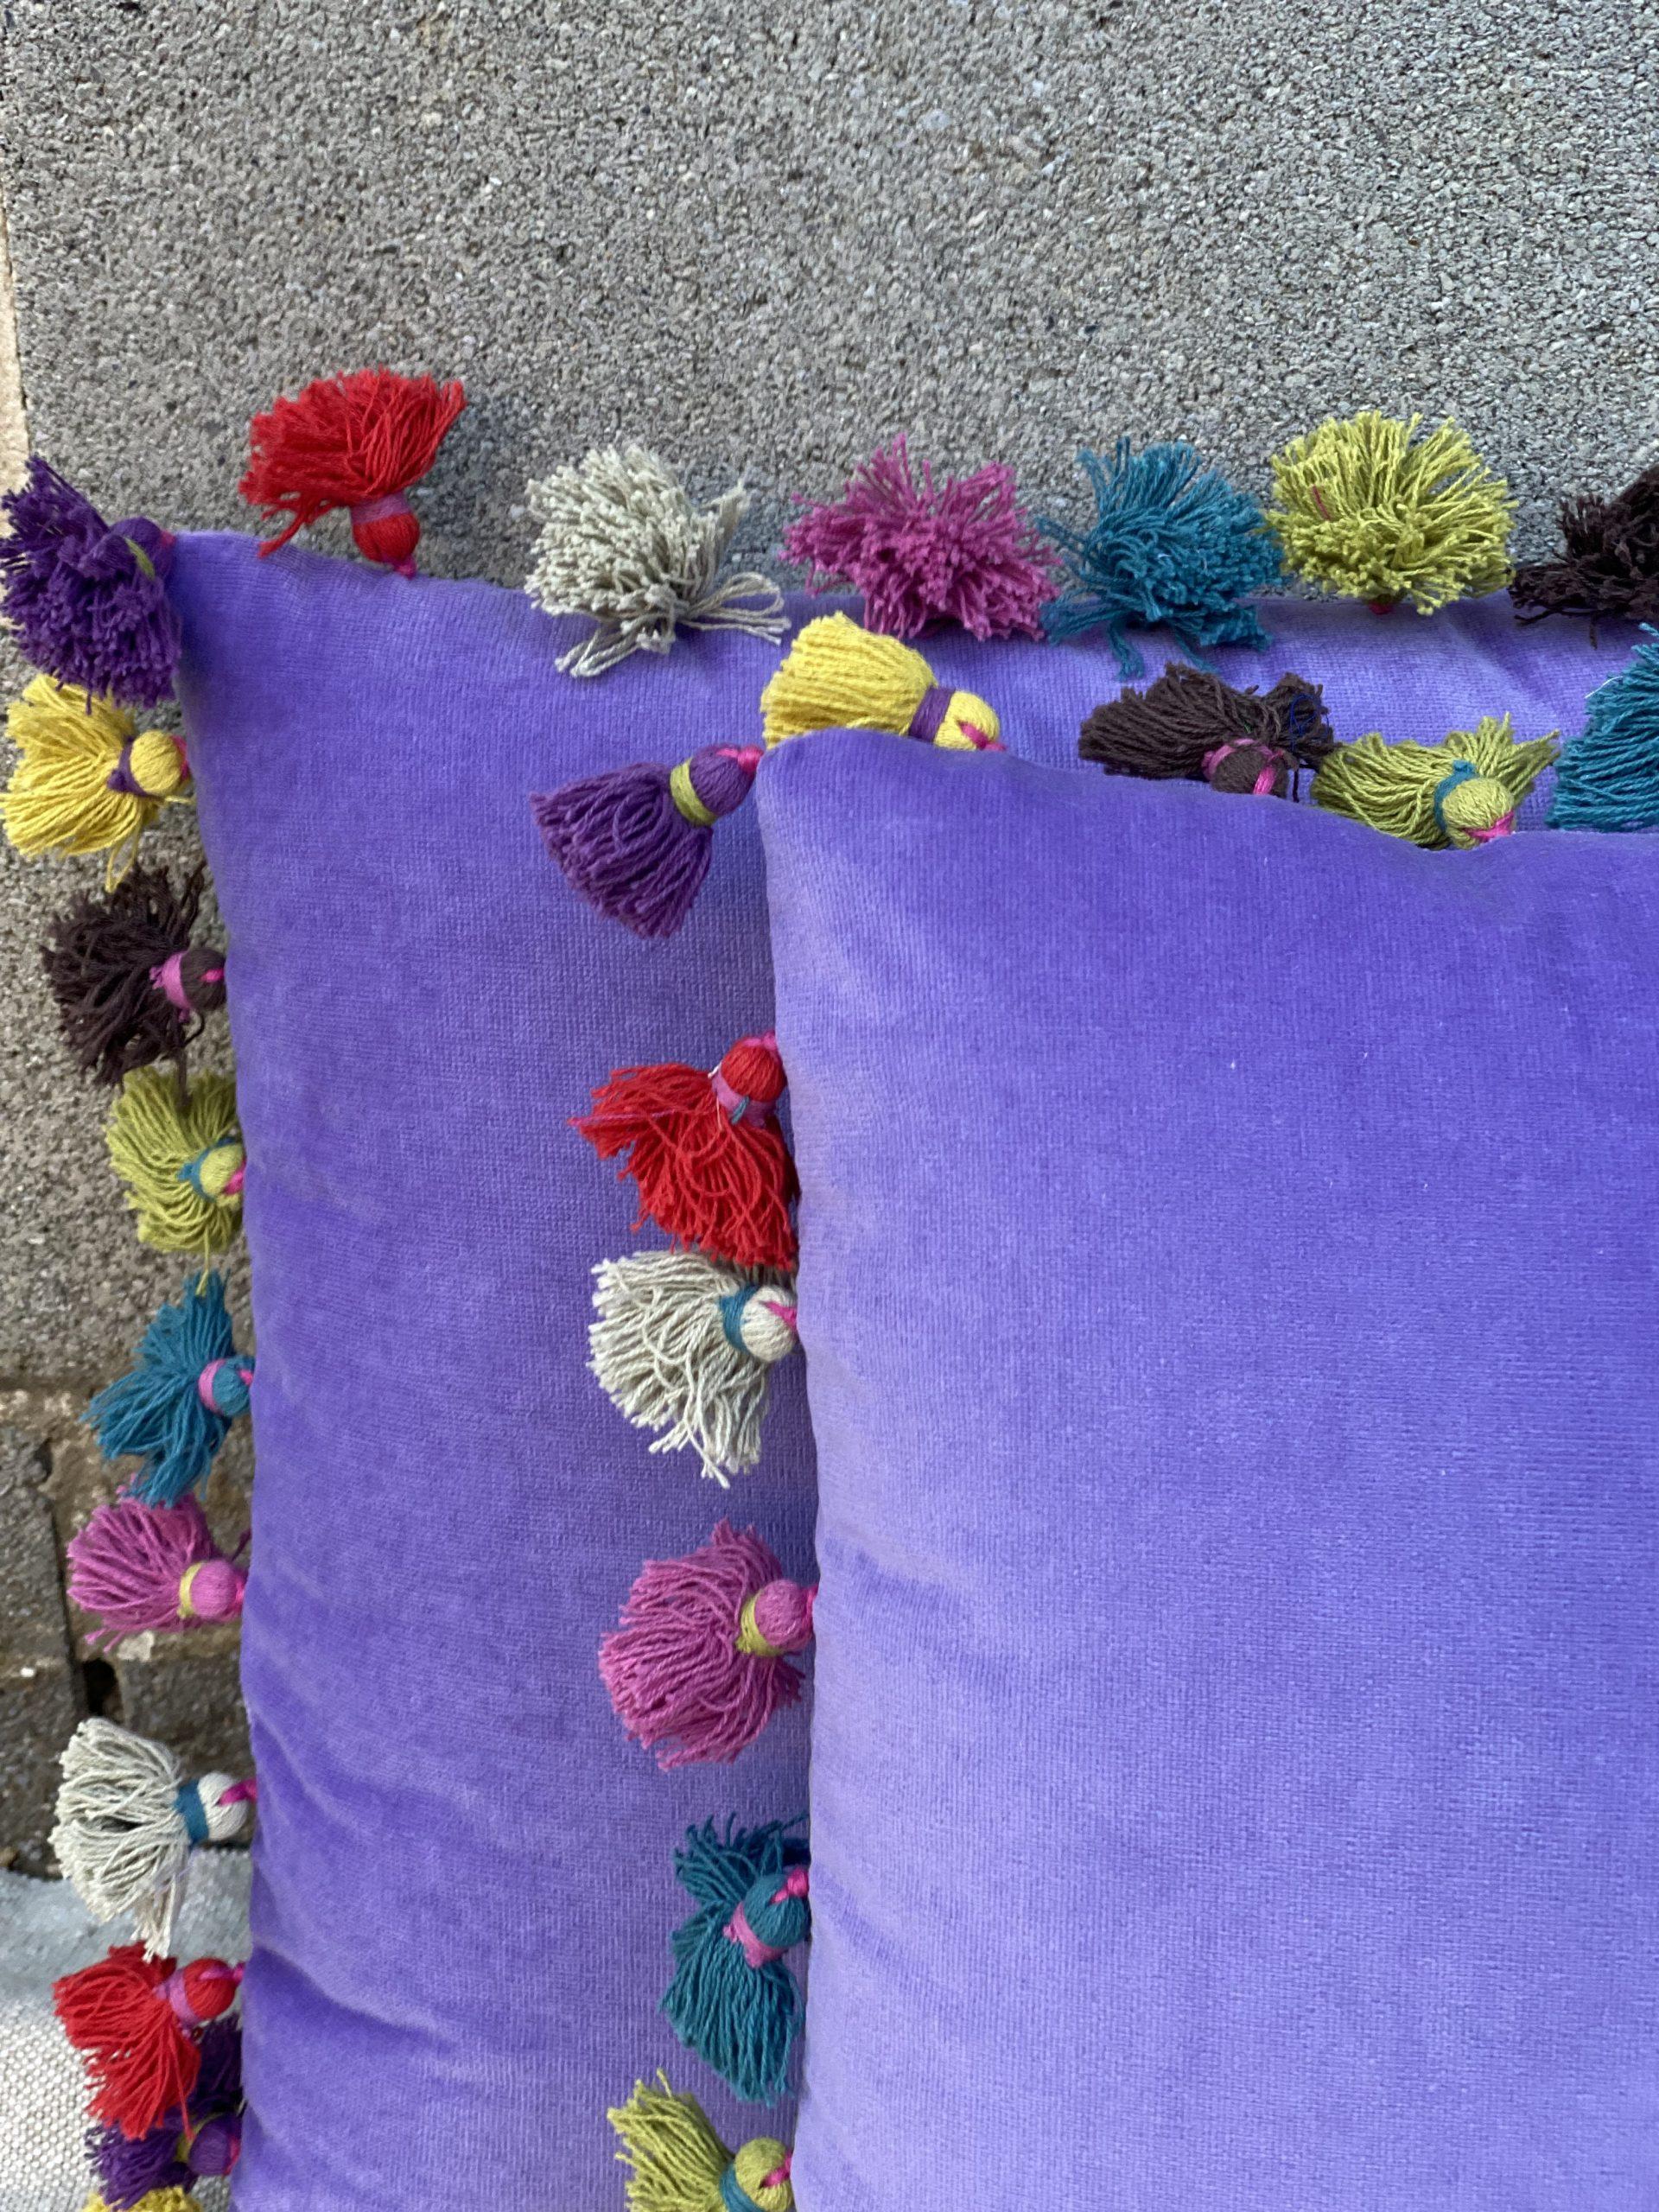 JAB Pillows